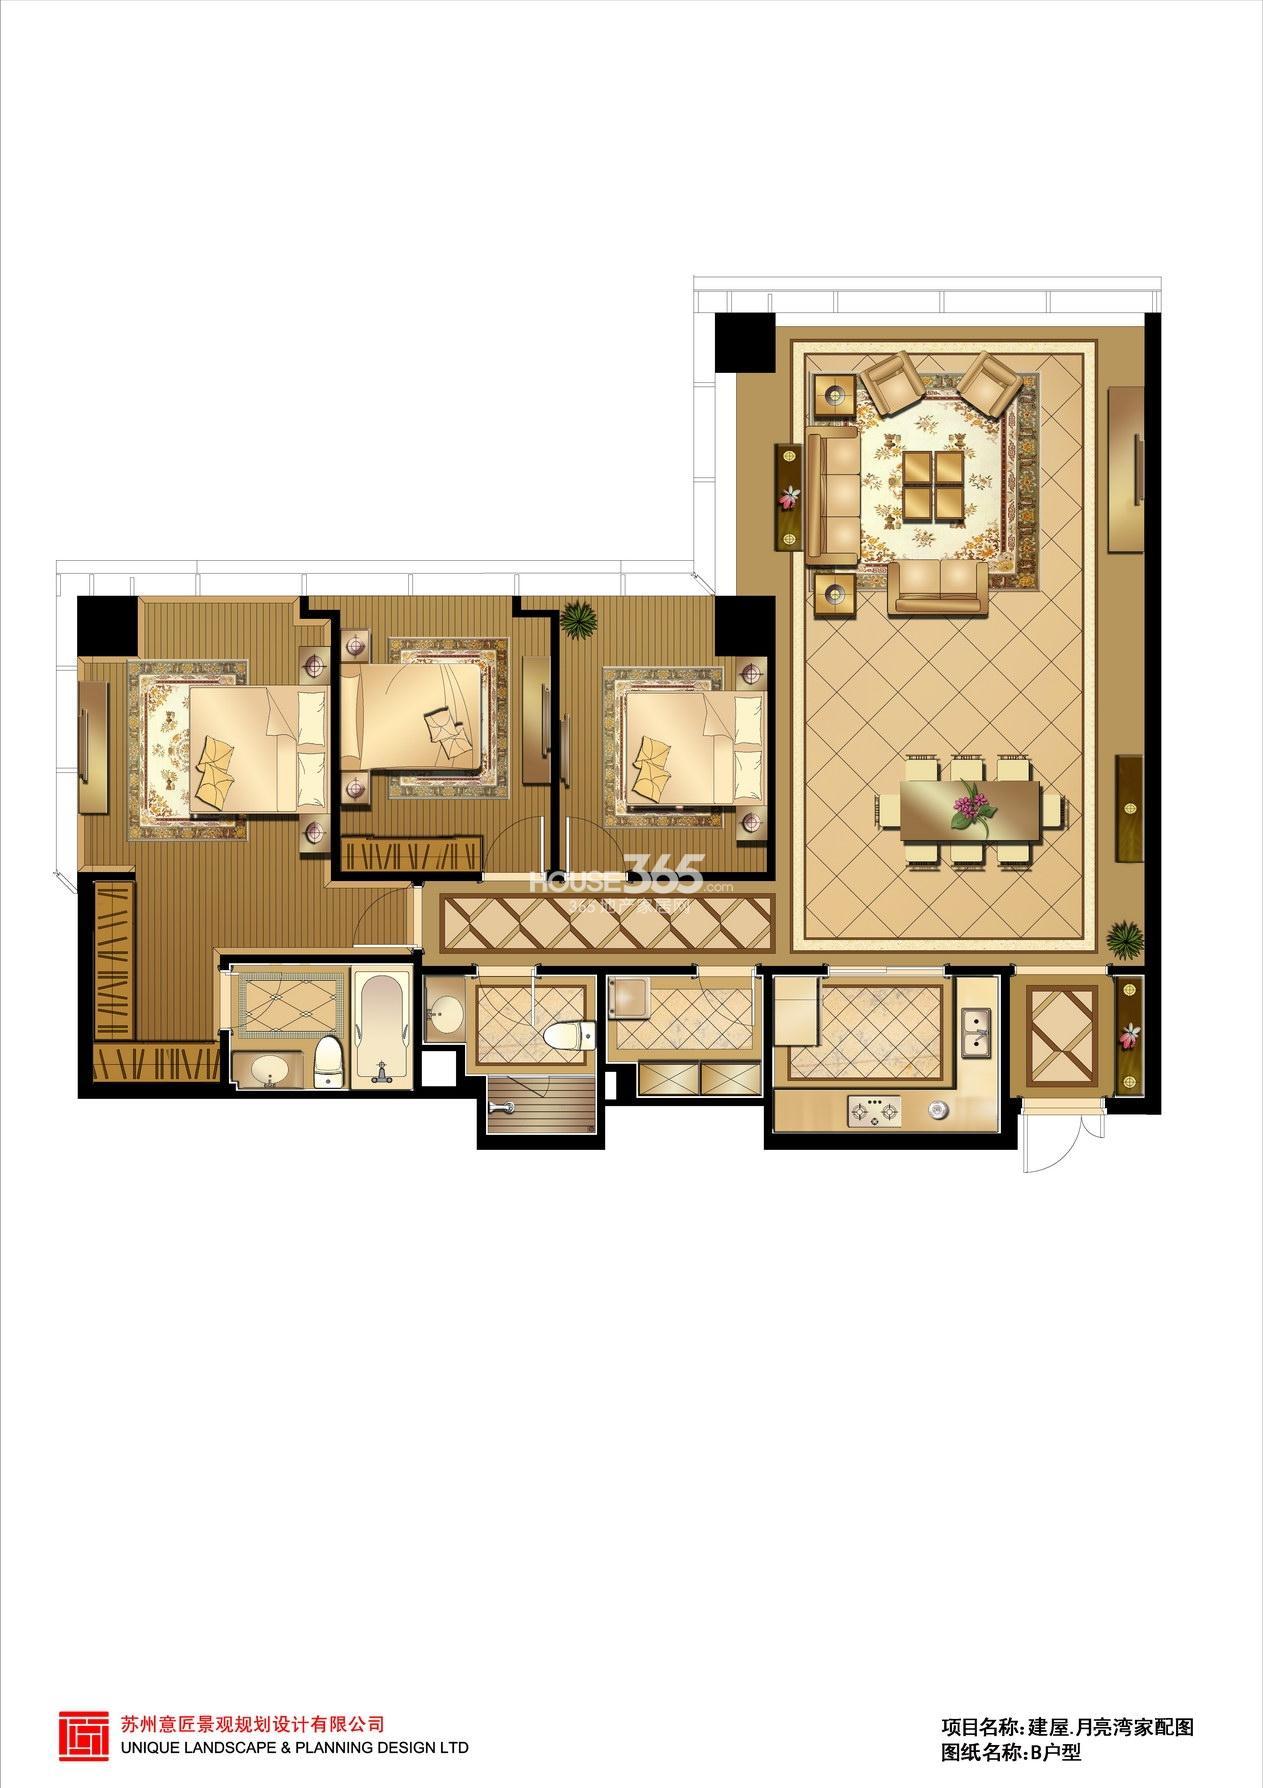 建屋紫宸庭 B户型_189平米_三室两厅两卫 189平